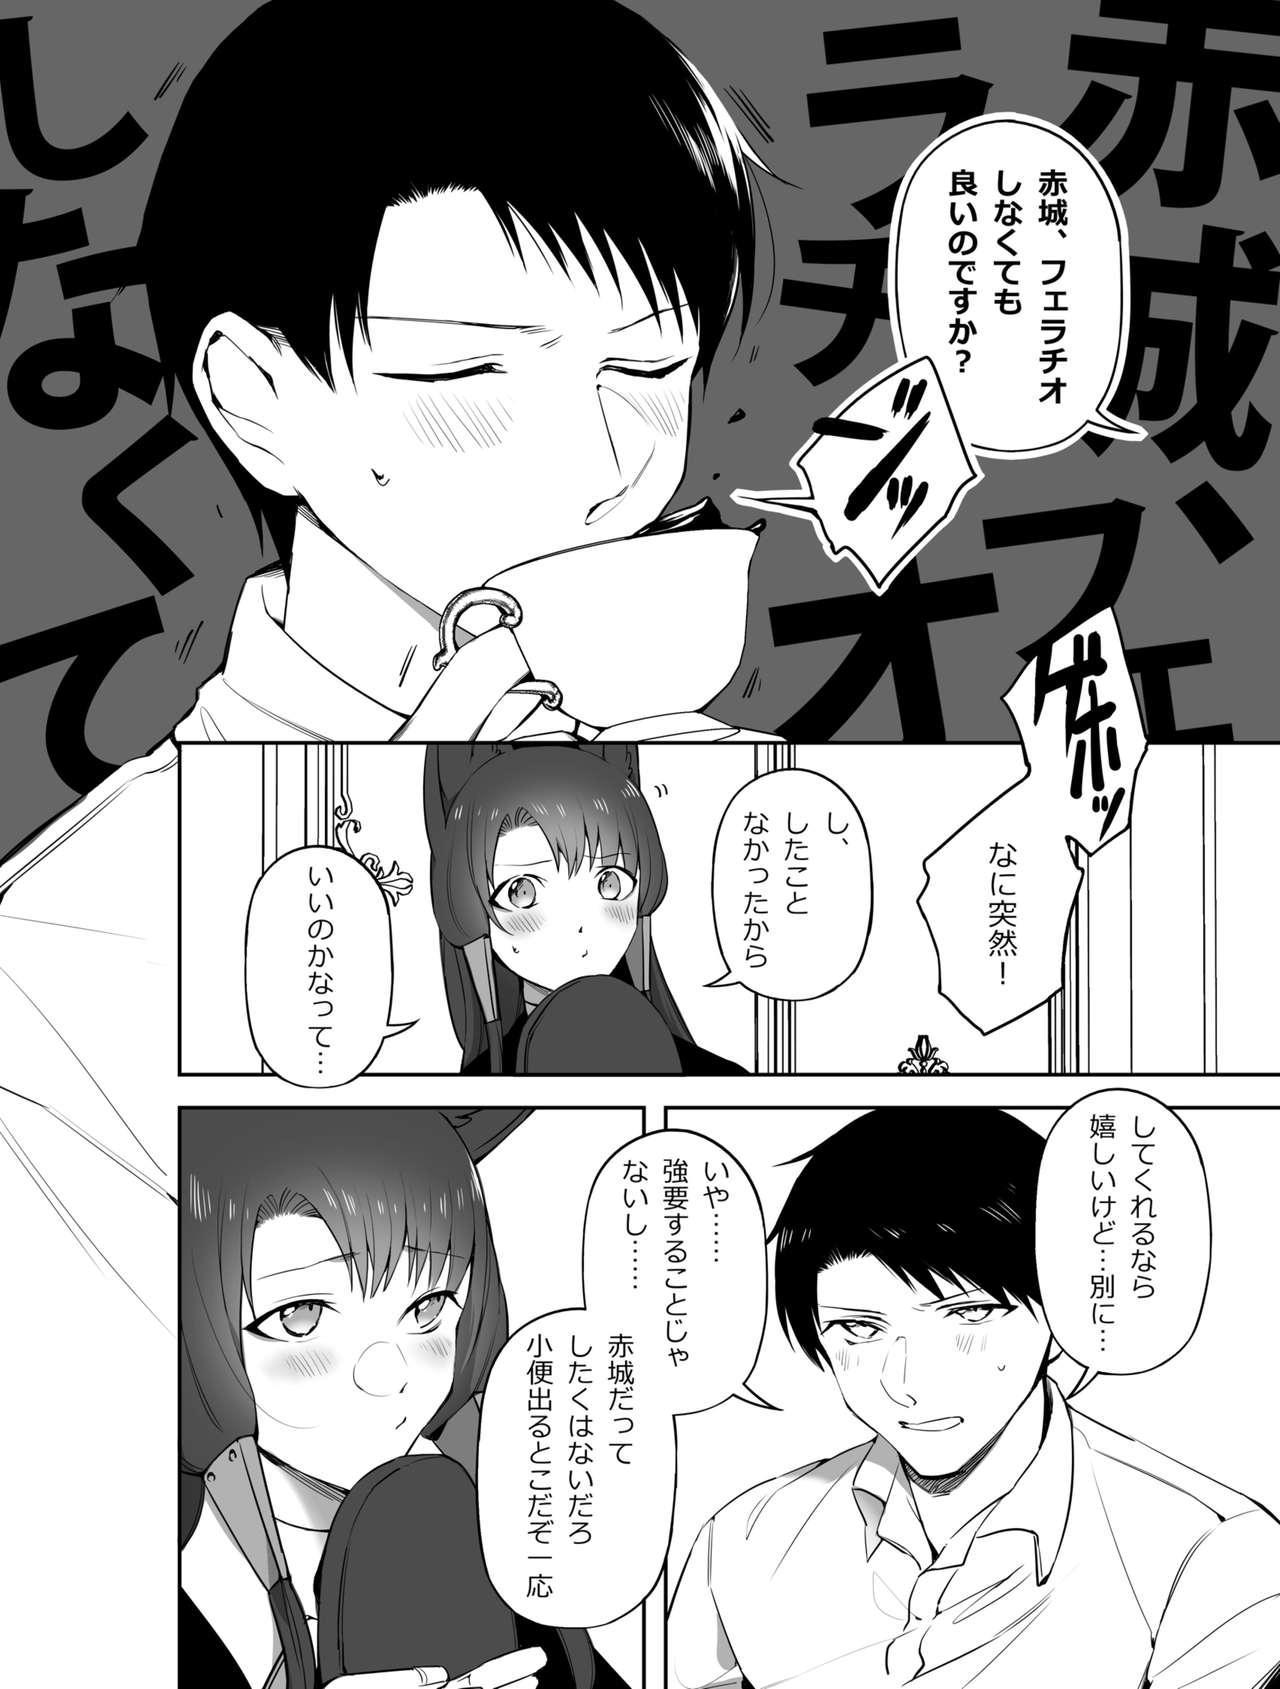 Akagi ni Ochinpo Shaburaseru Hon 5